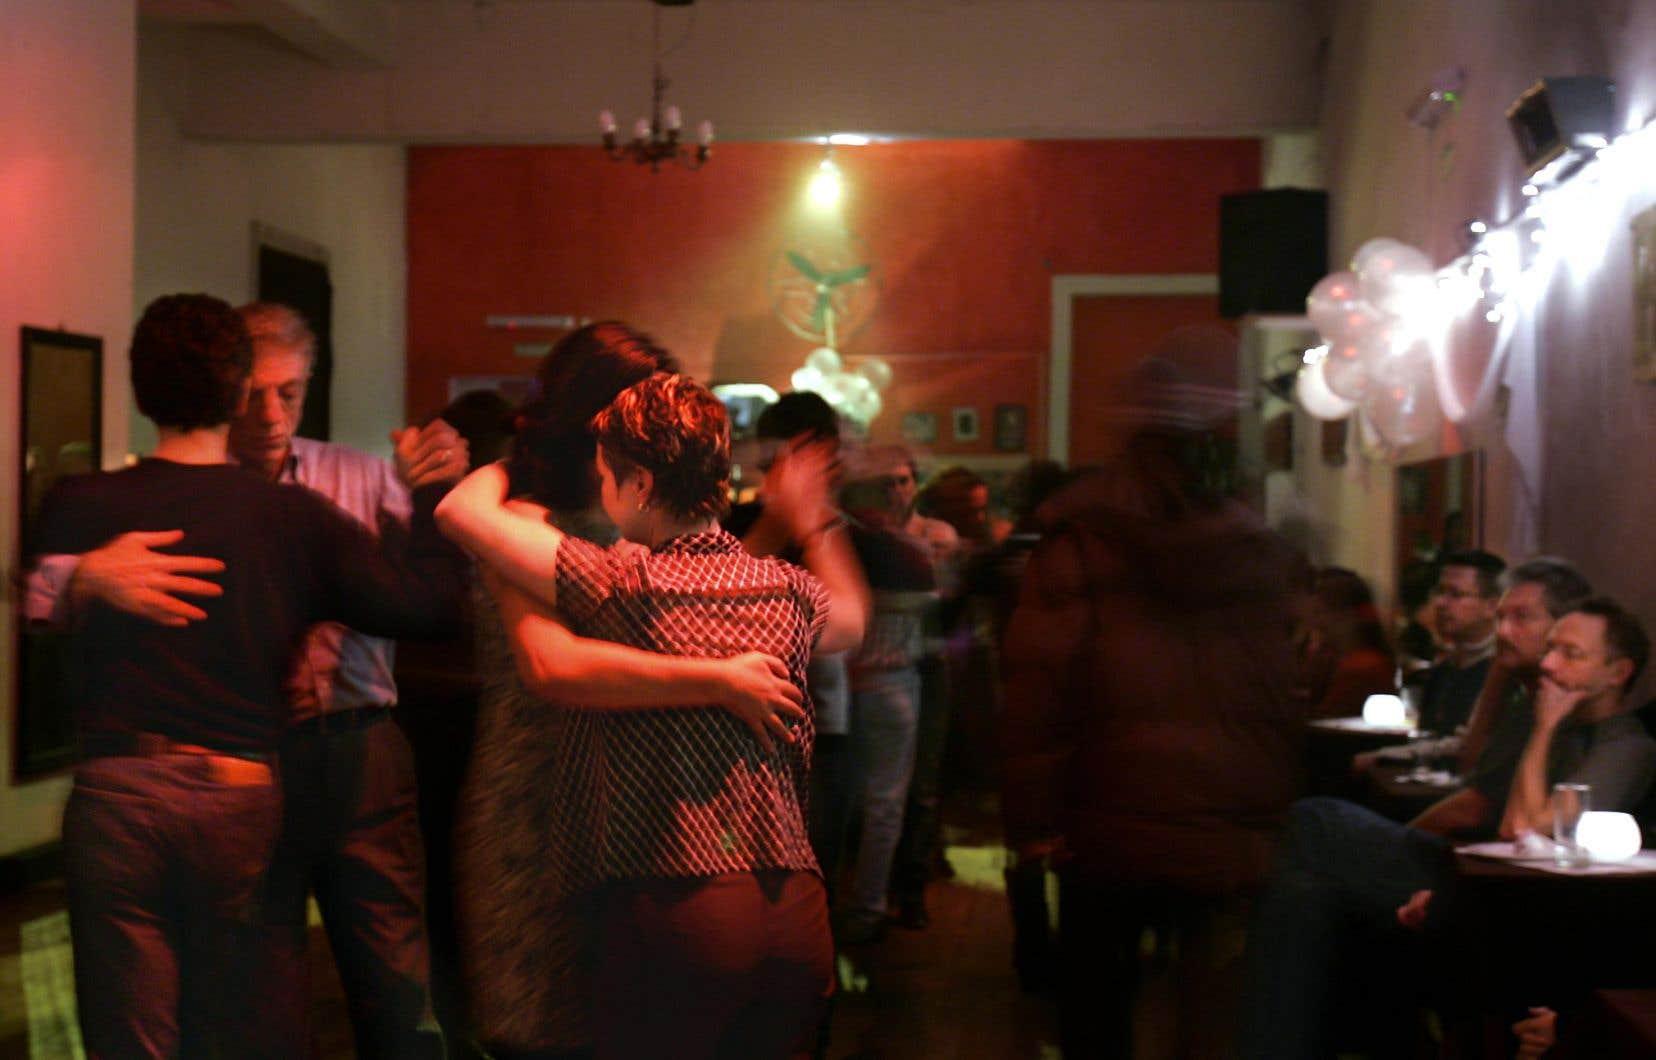 Des couples gais dansent le tango au pub La Marshall de Buenos Aires.